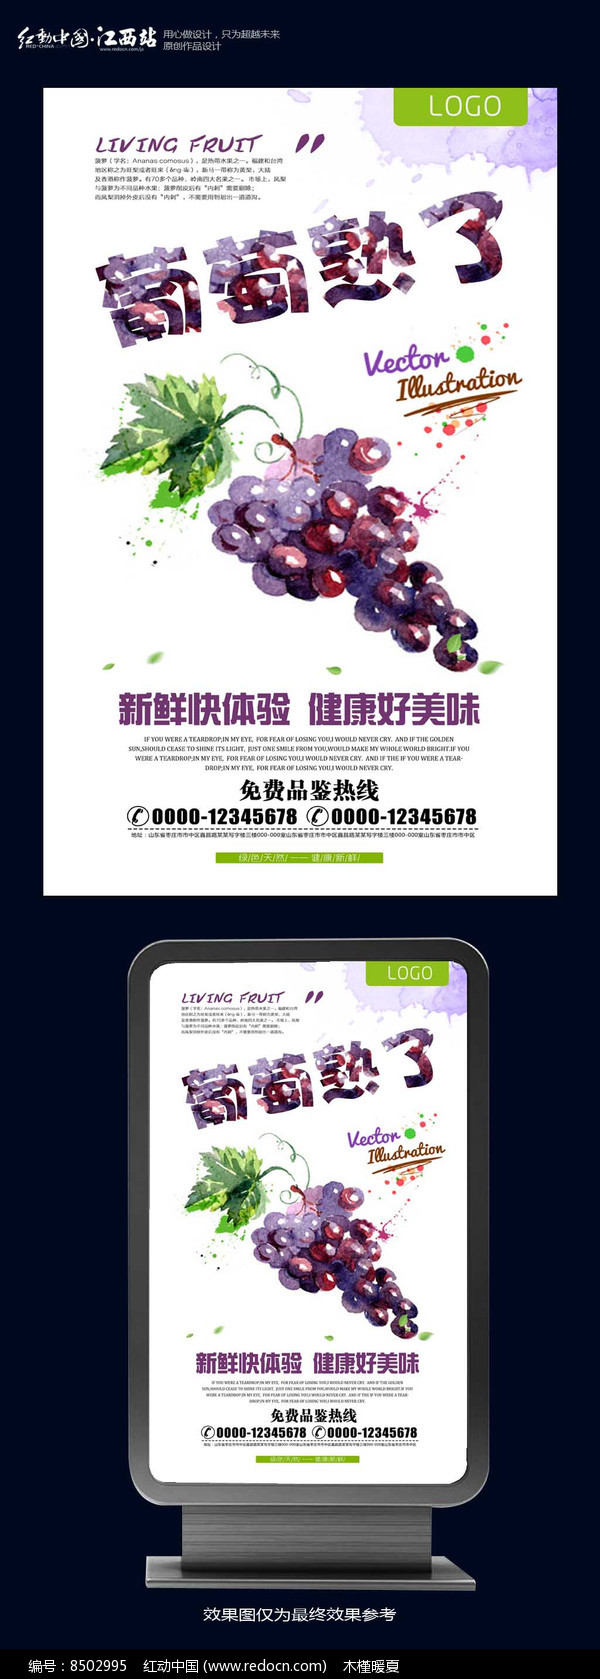 新鲜水果海报设计葡萄熟了图片